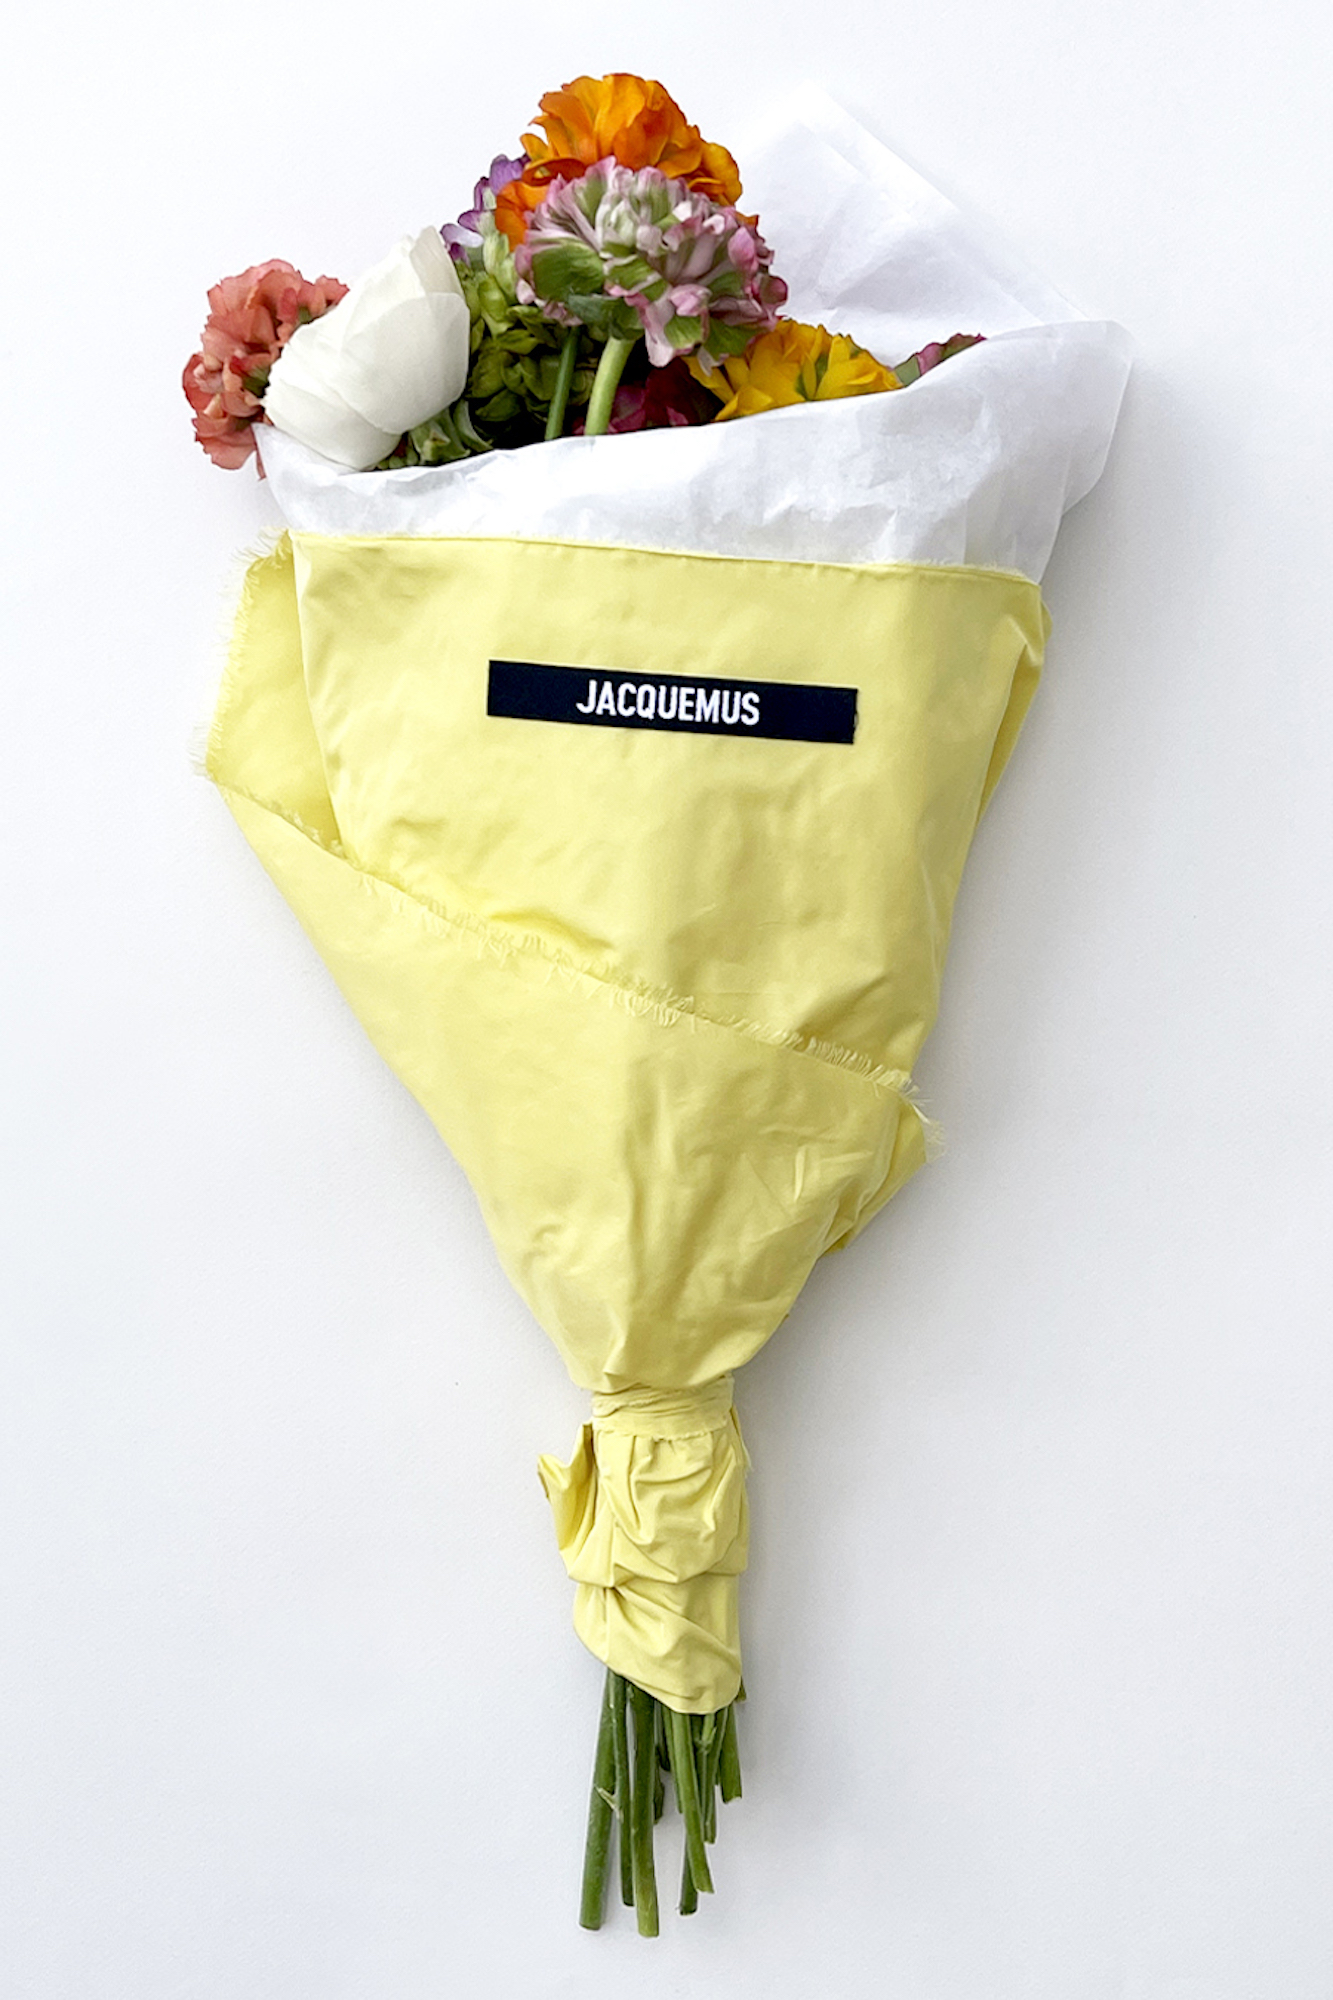 Jacquemus opent pop-up bloemenwinkel in Parijs